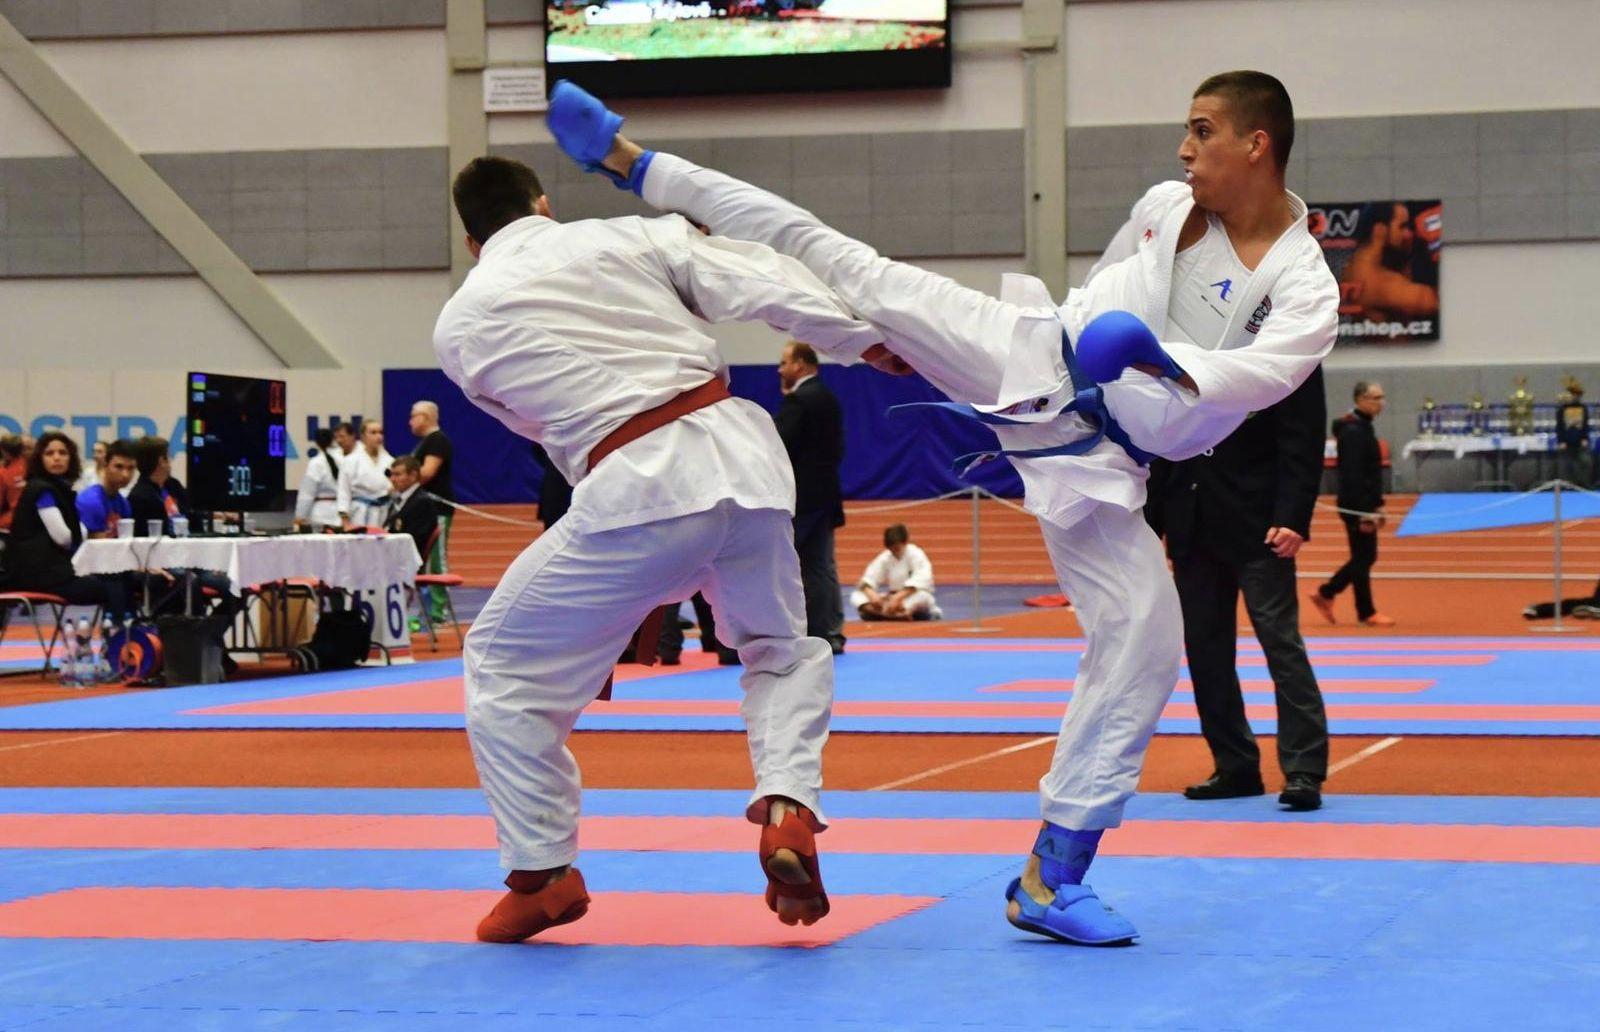 Slovák Pavol má len 21 rokov. Vďaka karate robil ochranku Lewisovi Hamiltonovi aj argentínskym a anglickým futbalistom